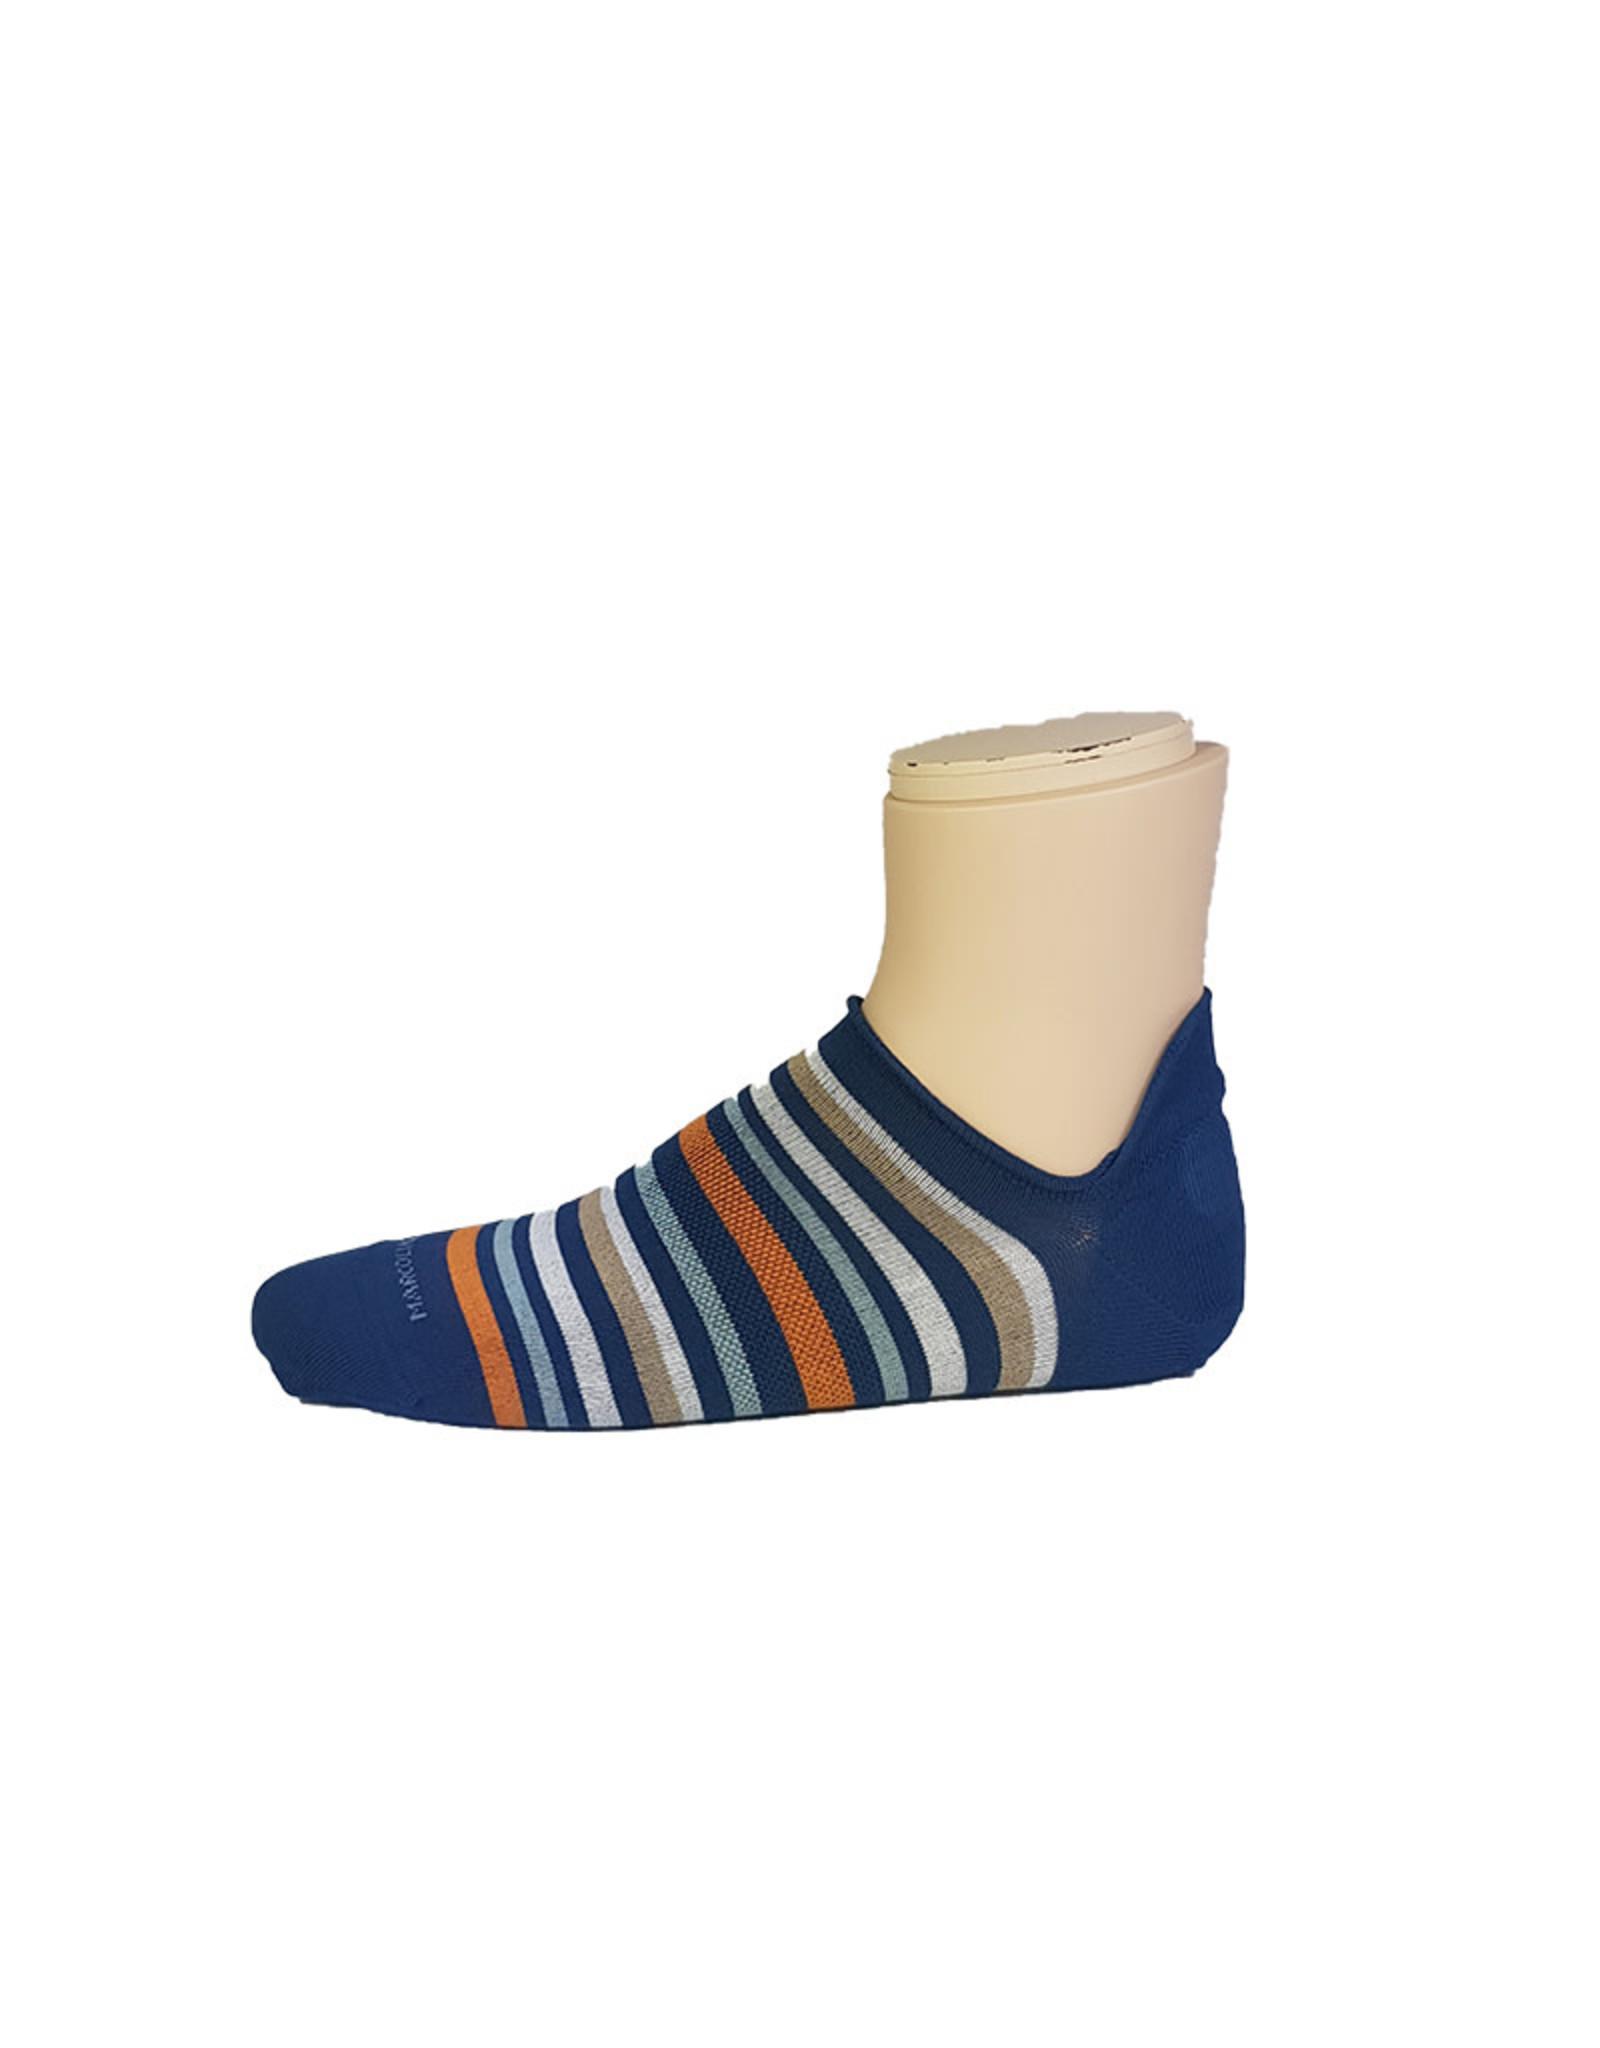 Marcoliani Marcoliani sokken blauw-oranje gestreept sneaker 4262K